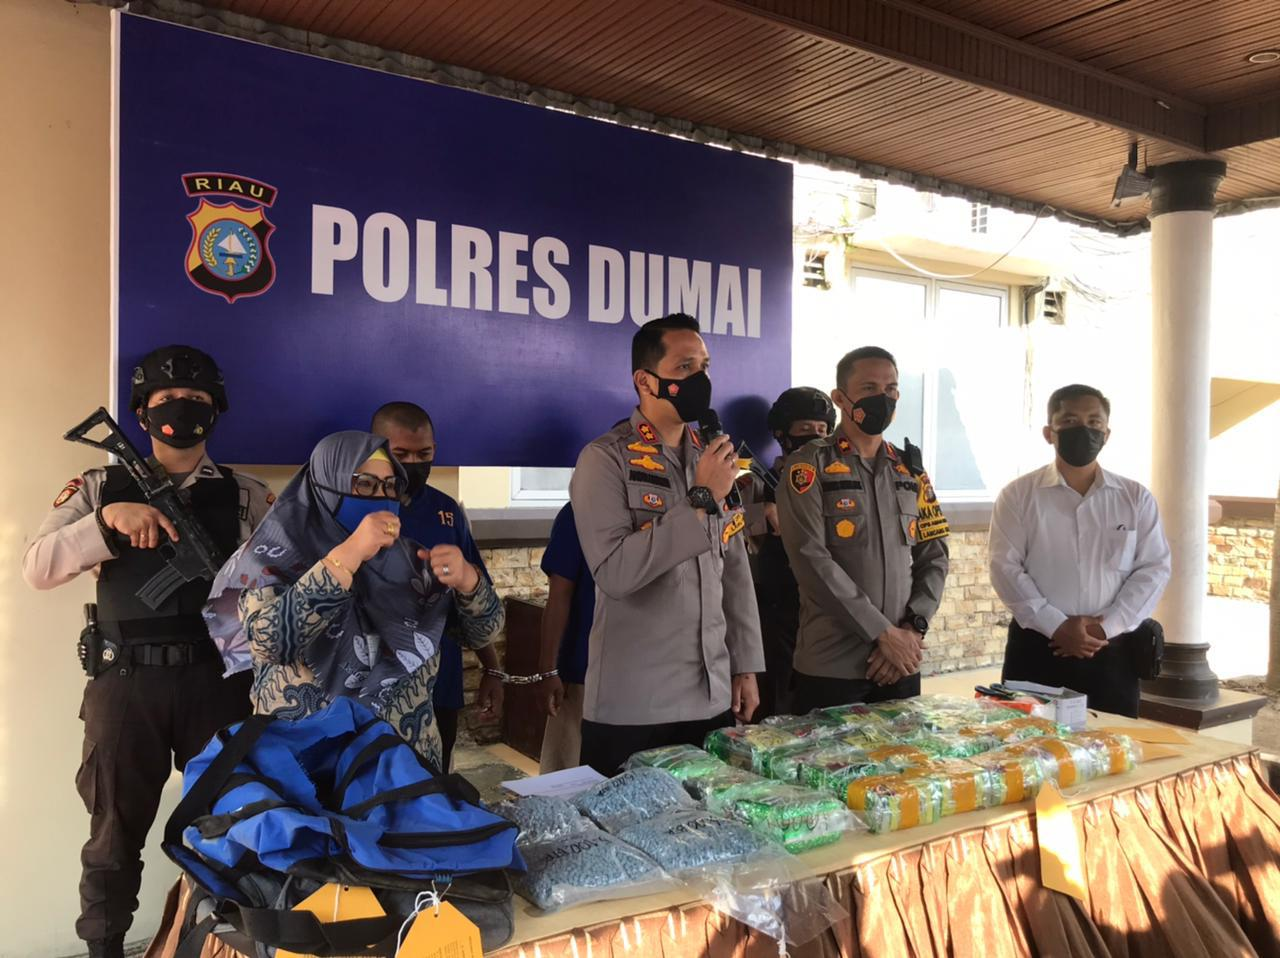 Polres Dumai Bekuk Dua Kurir Bersama  23 Kg Shabu dan 19.937 Butir Ekstasi Libatkan Napi Rutan Sumut